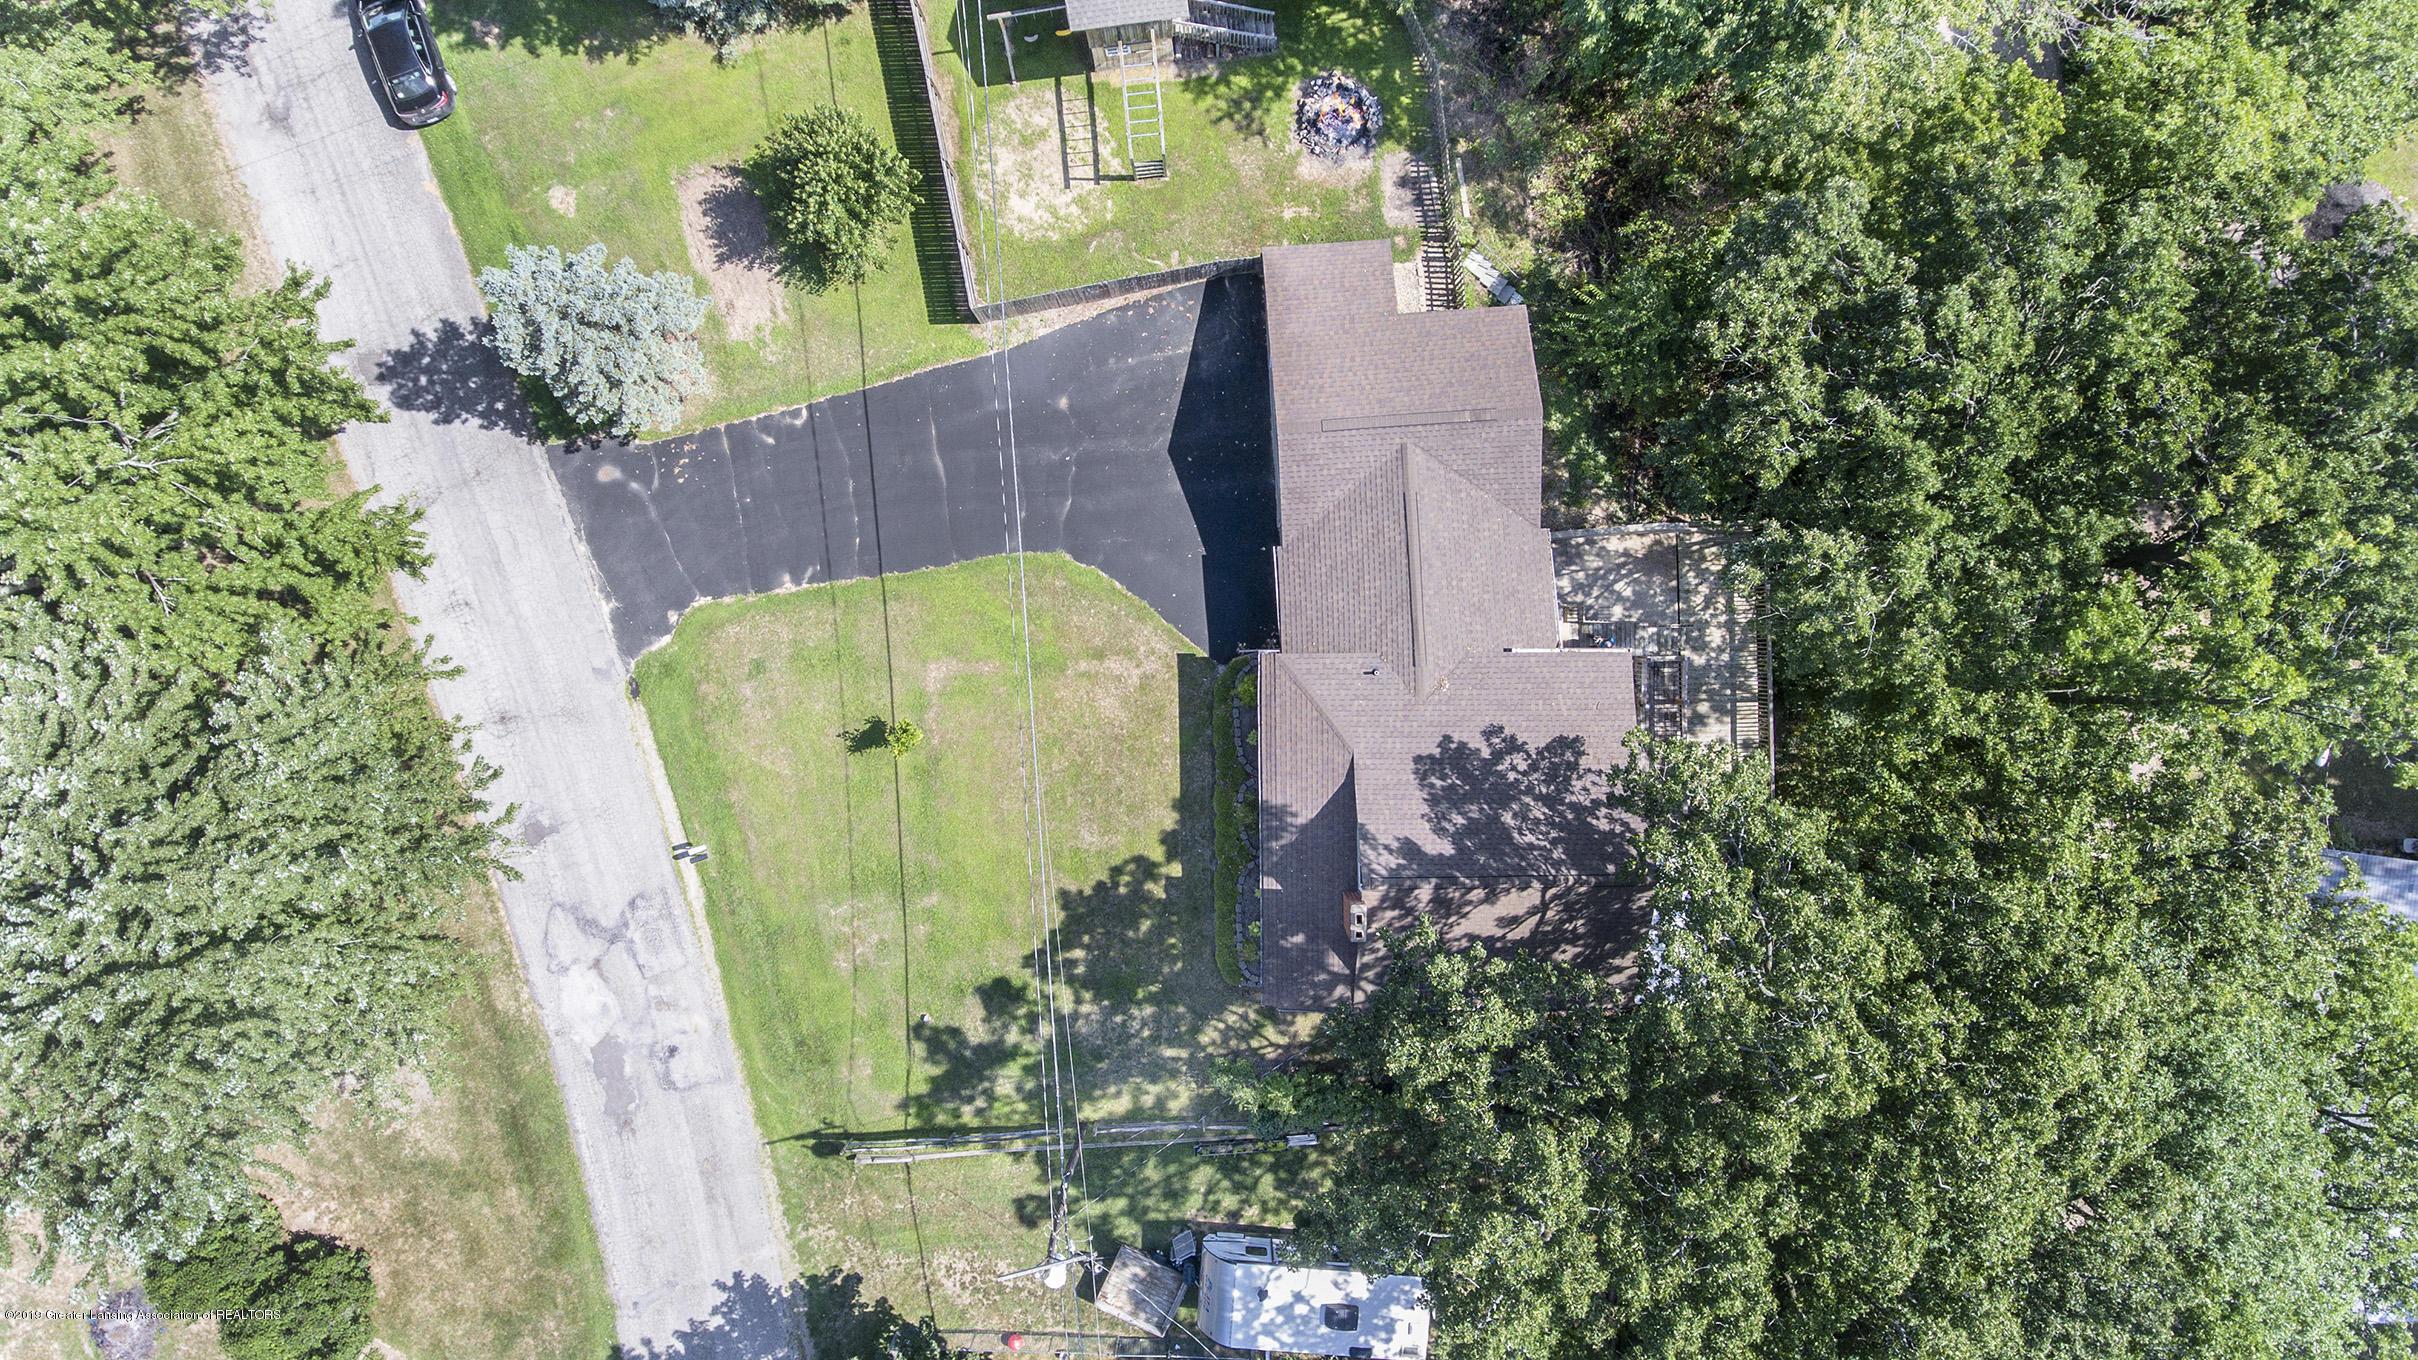 735 S Cloverhill Rd - Photo Aug 16, 3 58 03 PM - 35